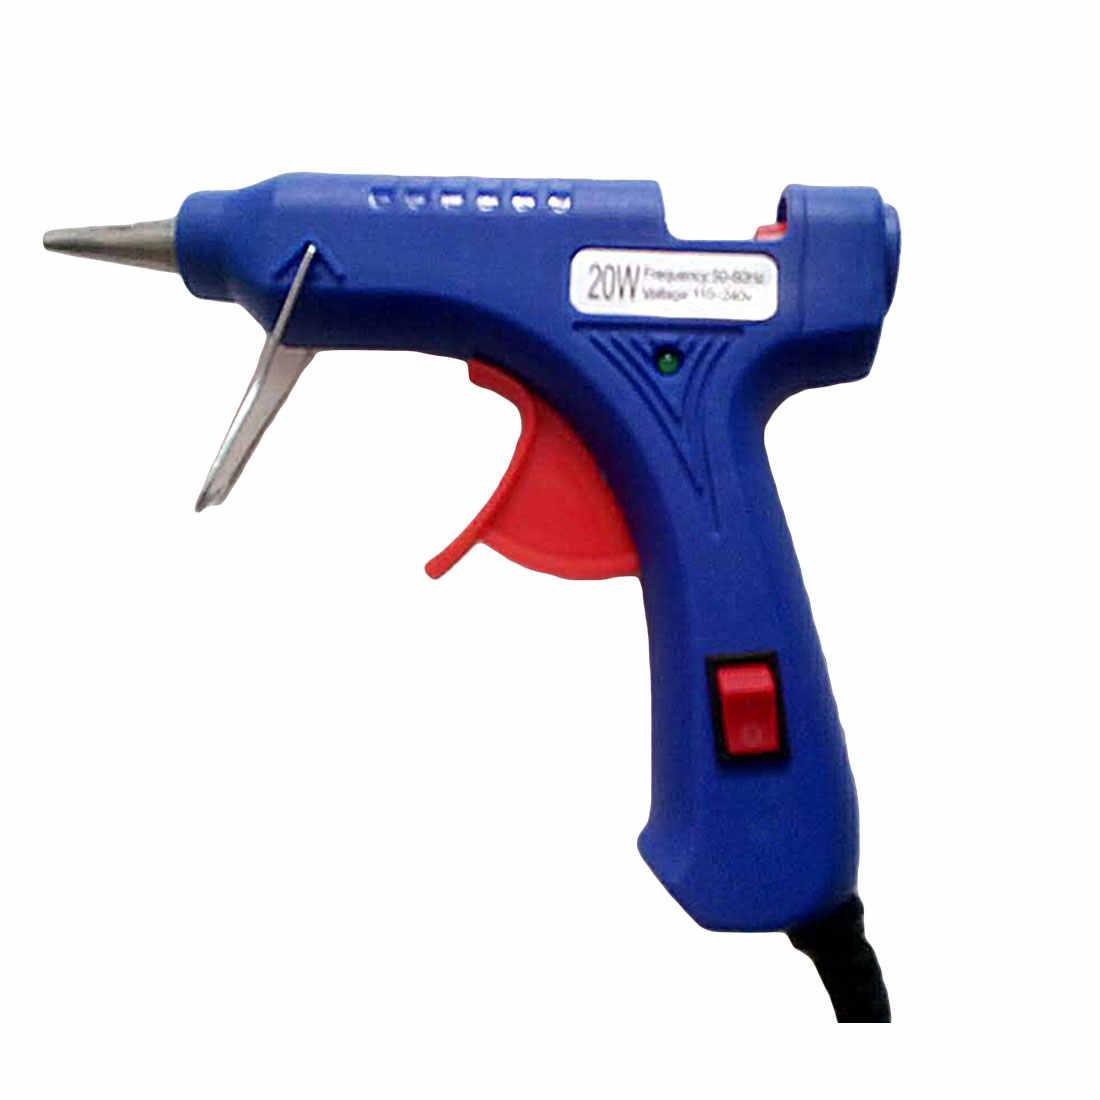 1Pcs High Temp Heater Melt A Hot Glue Gun 20W Repair Tool Heat Gun Blue Mini Gun EU Plug